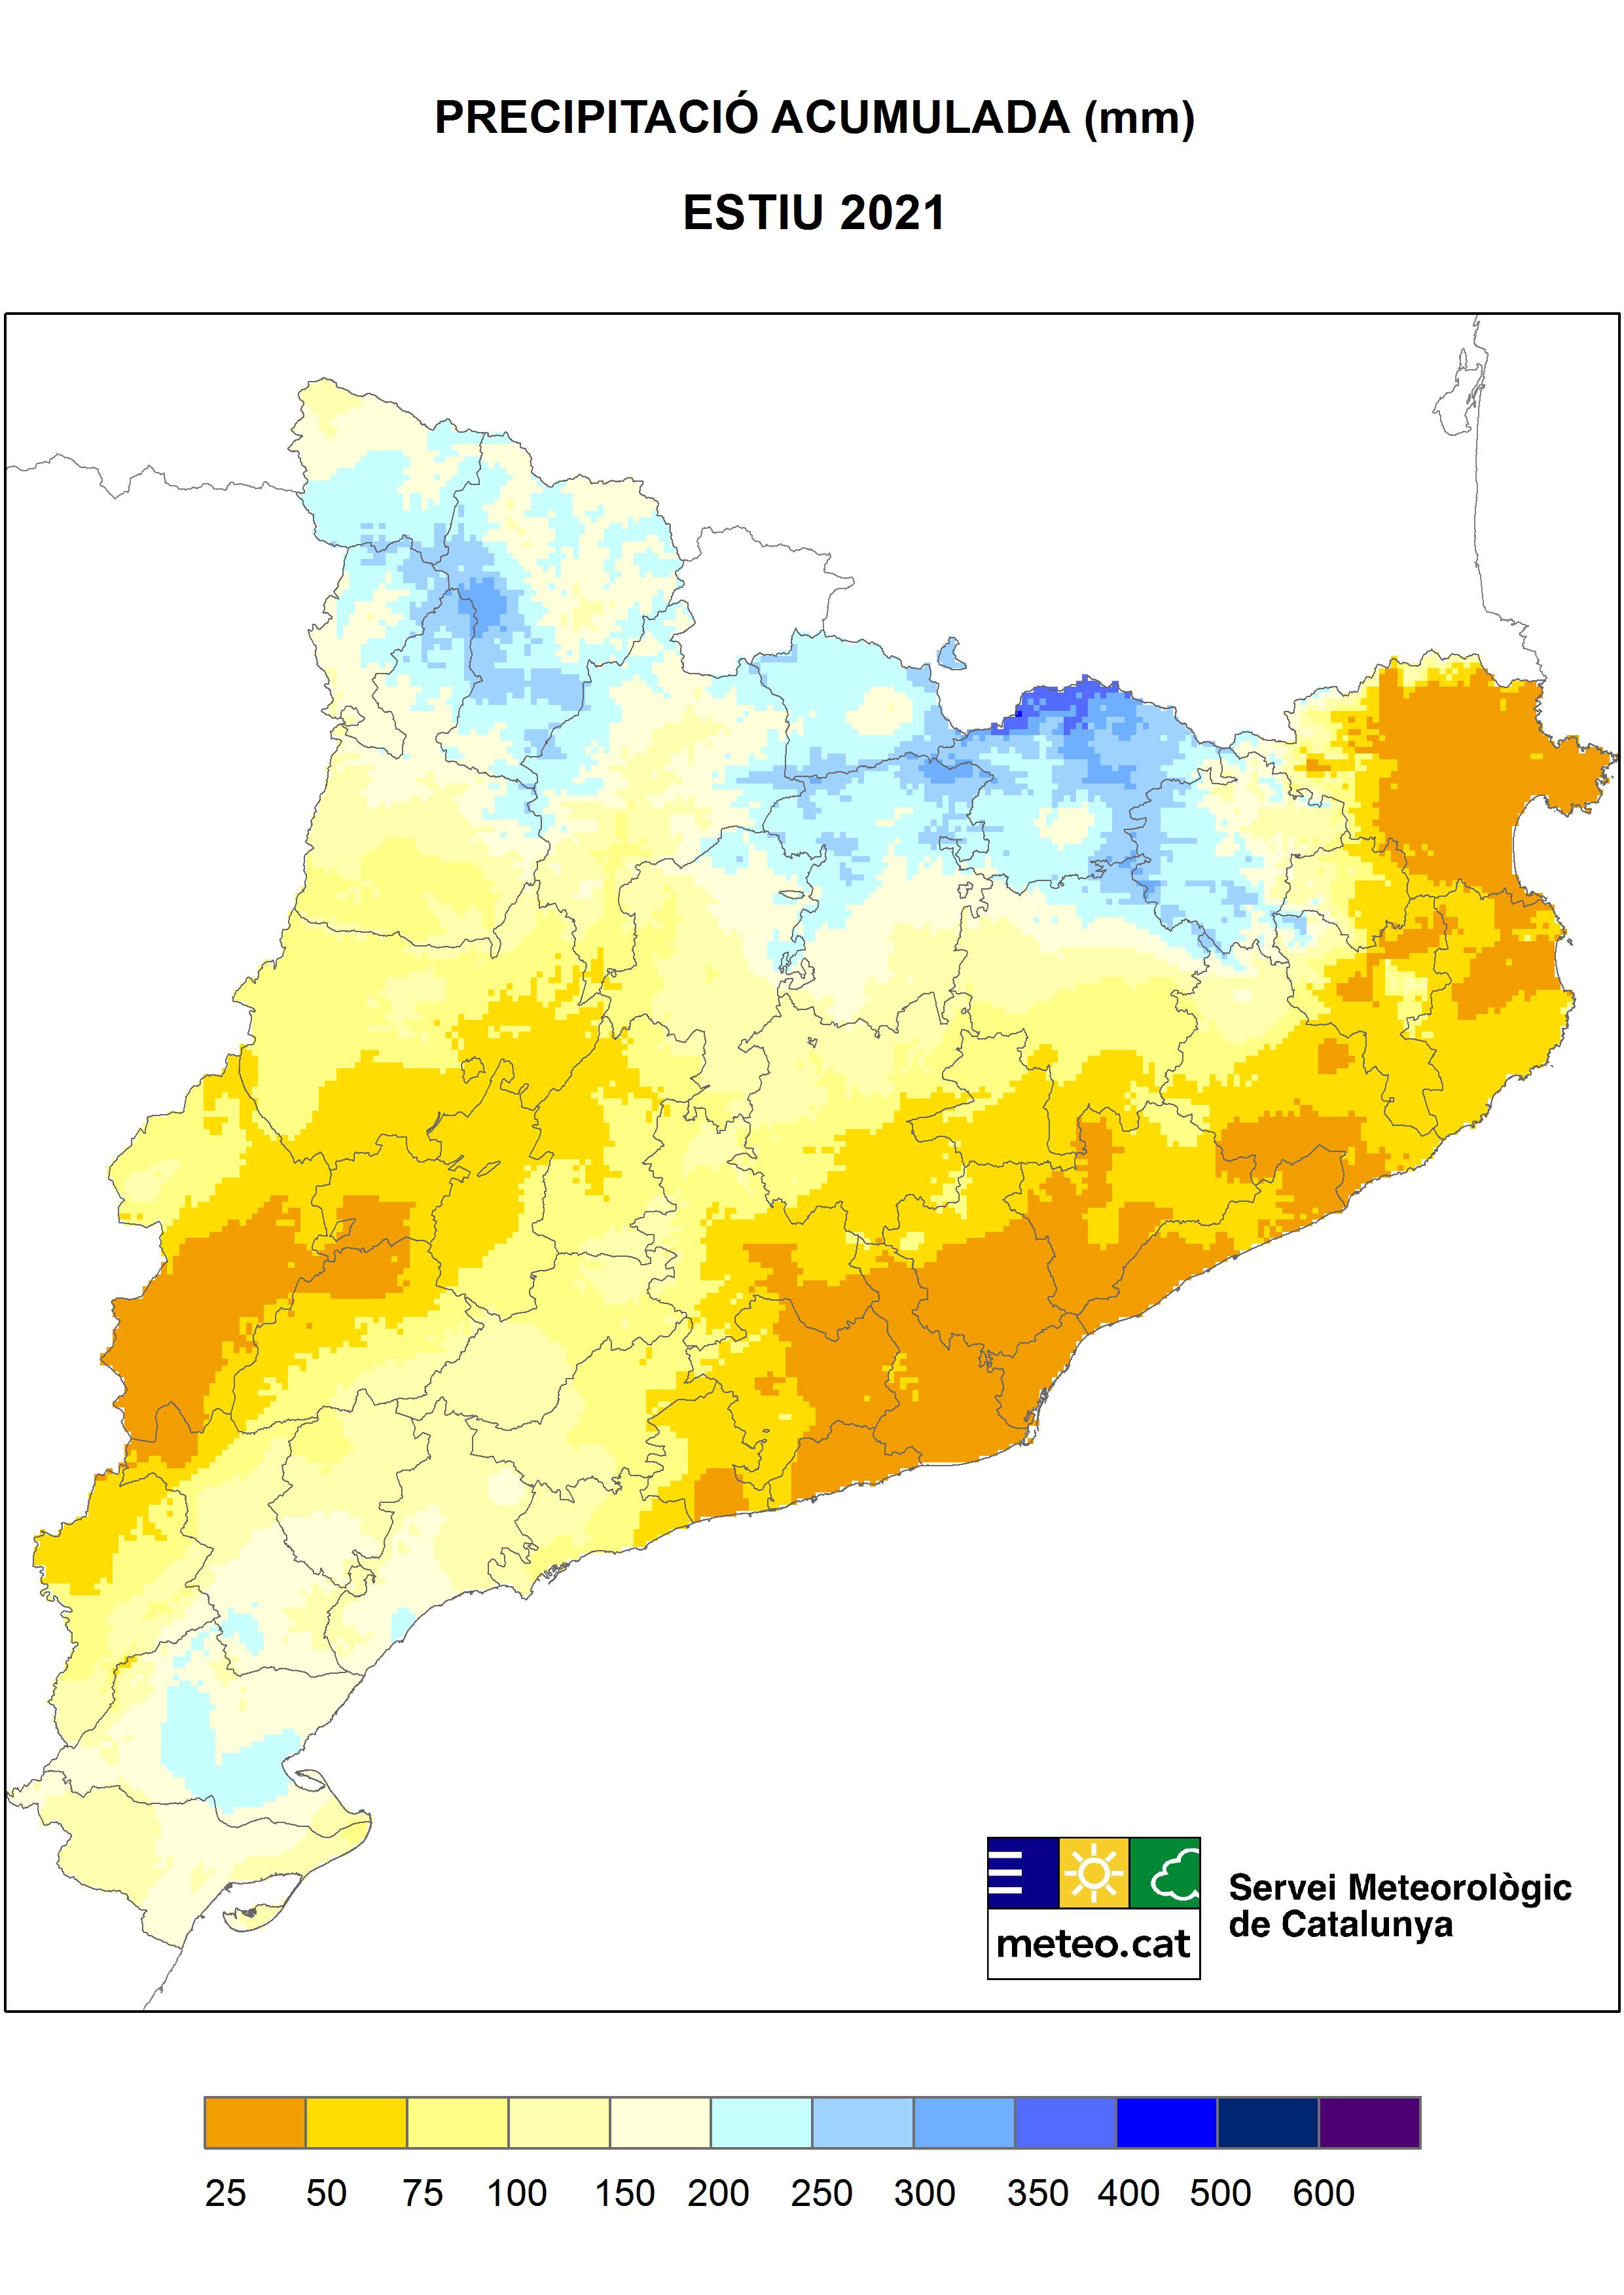 Mapa de precipitació acumulada durant de l'estiu 2021